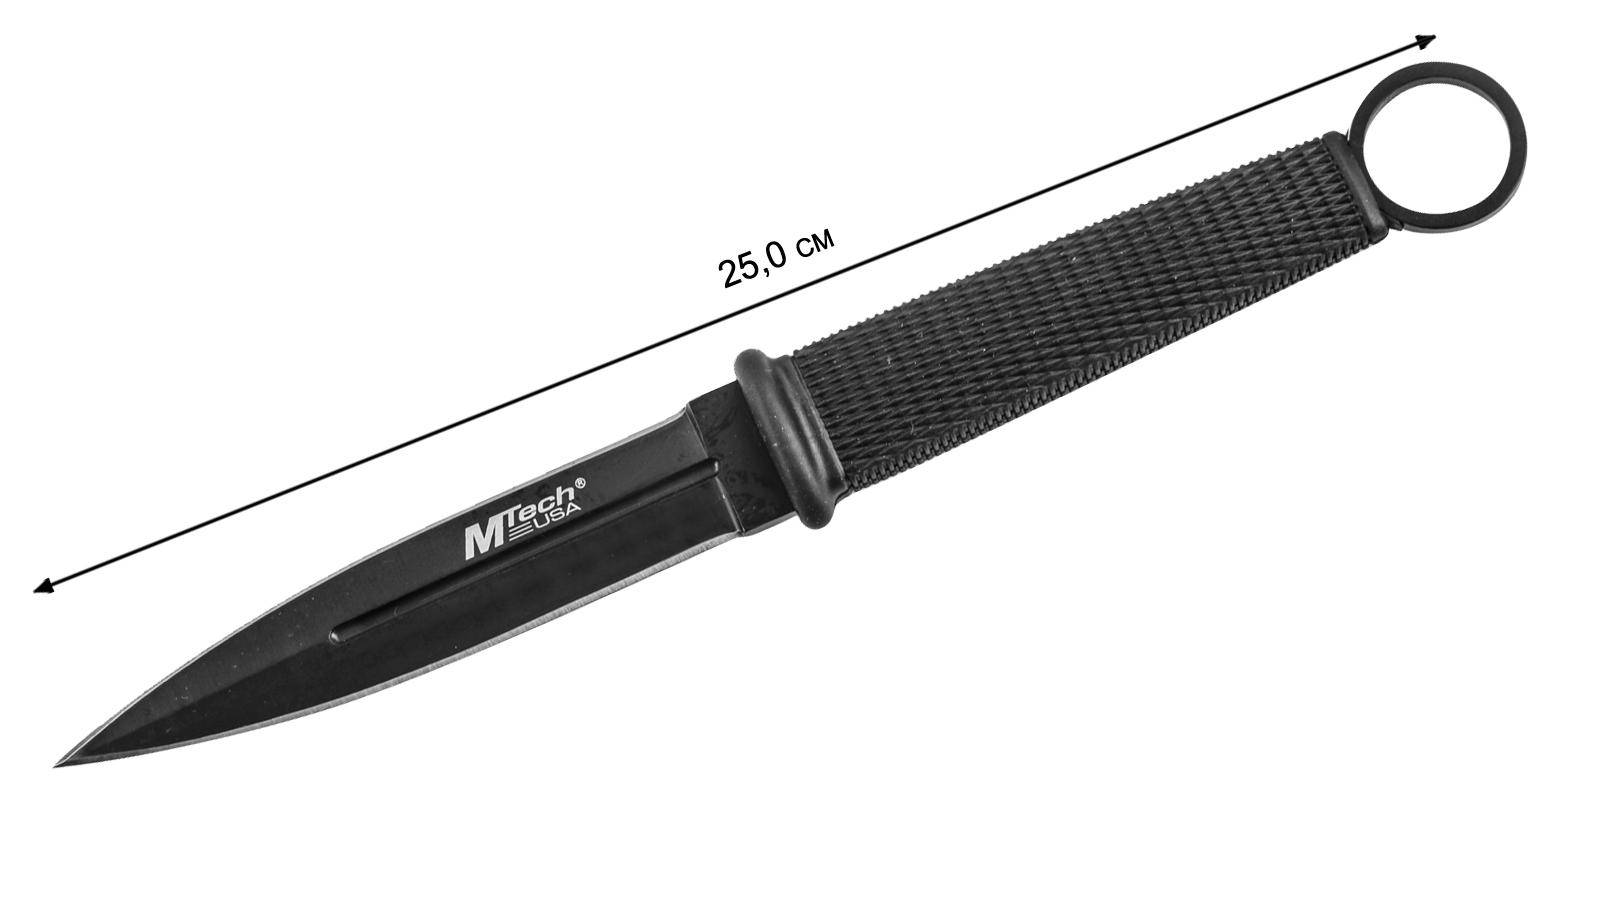 Нож с фиксированным клинком Mtech MT-20-02 - размер